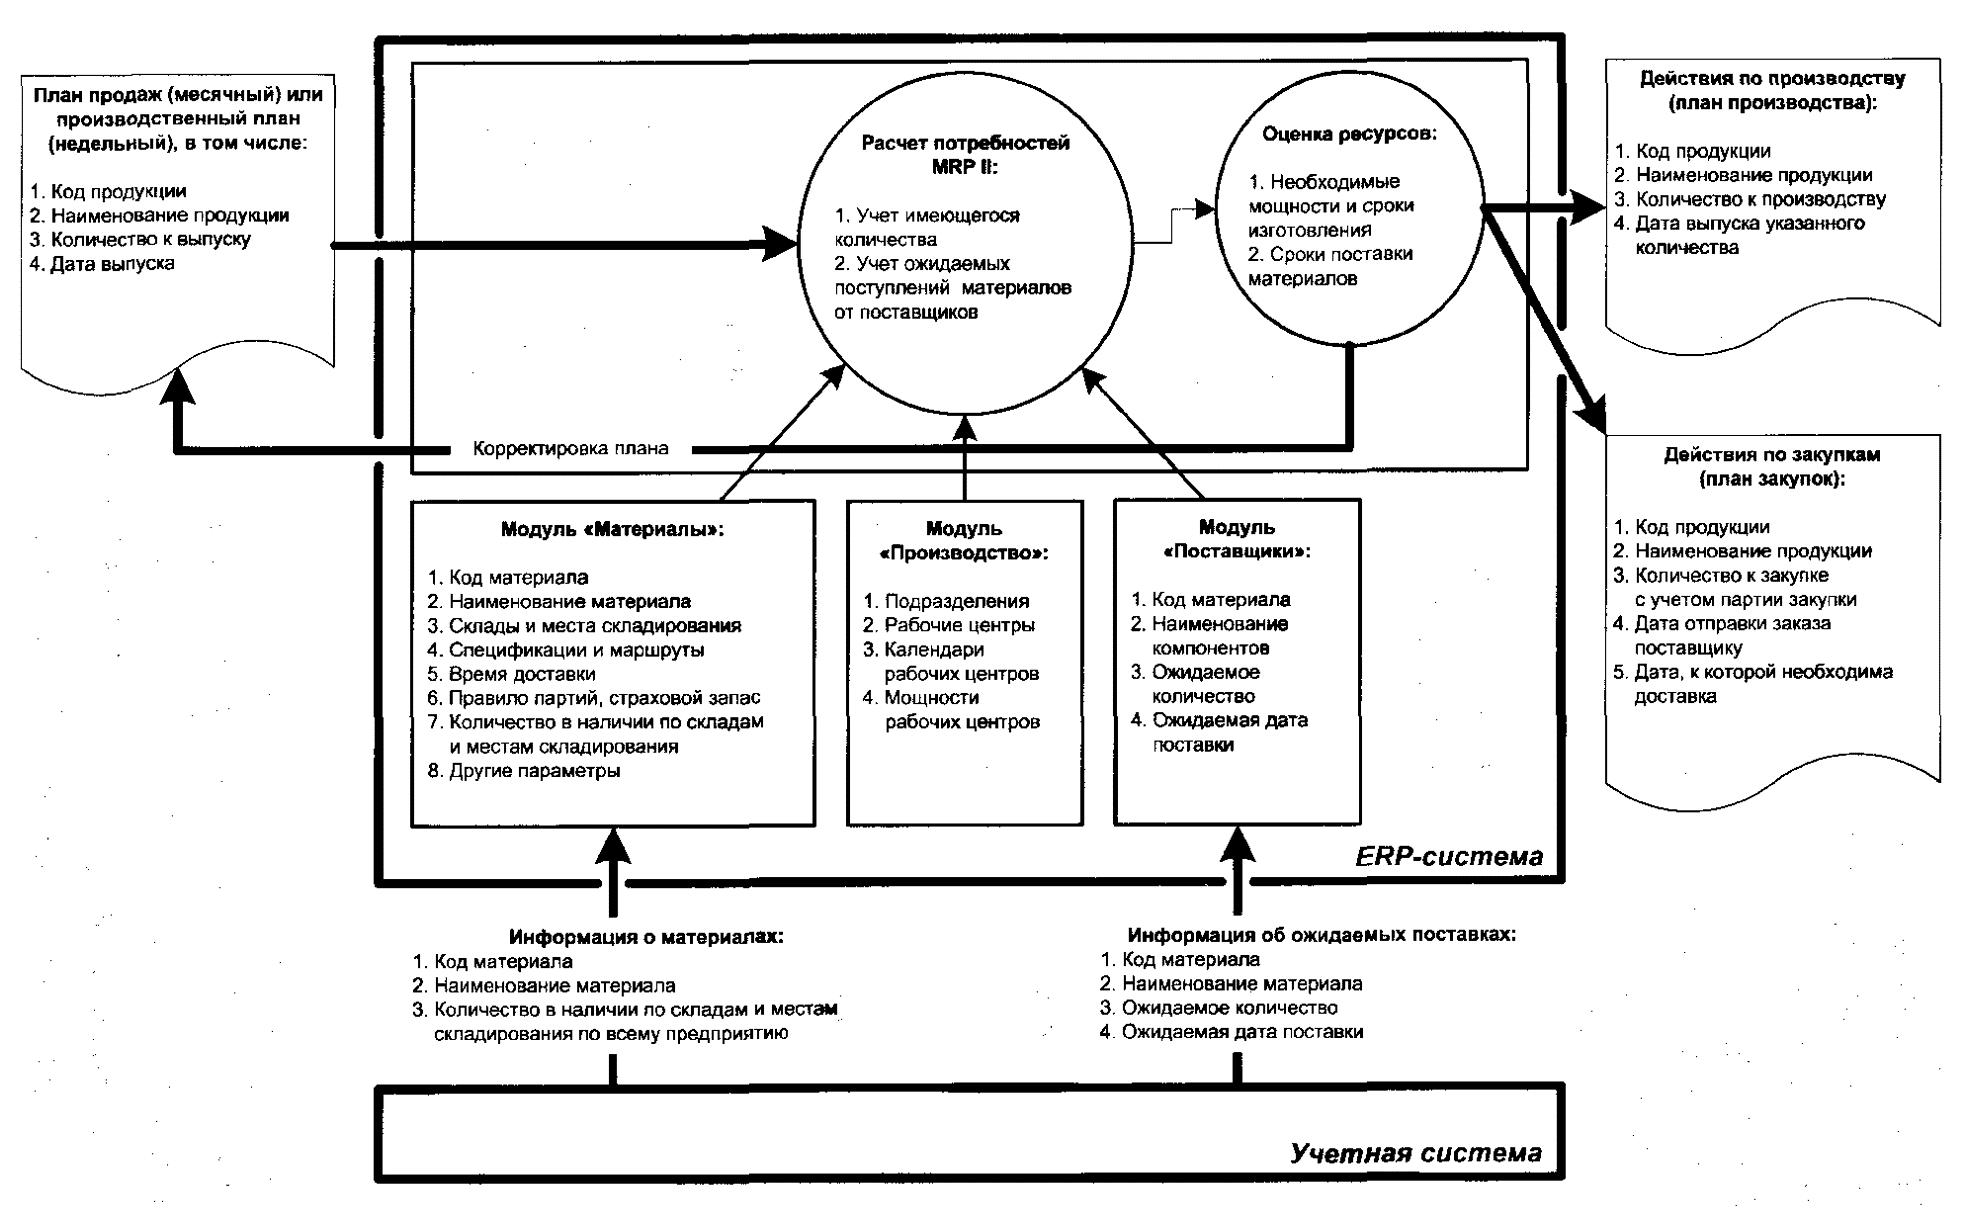 Пример конфигурации информационной системы